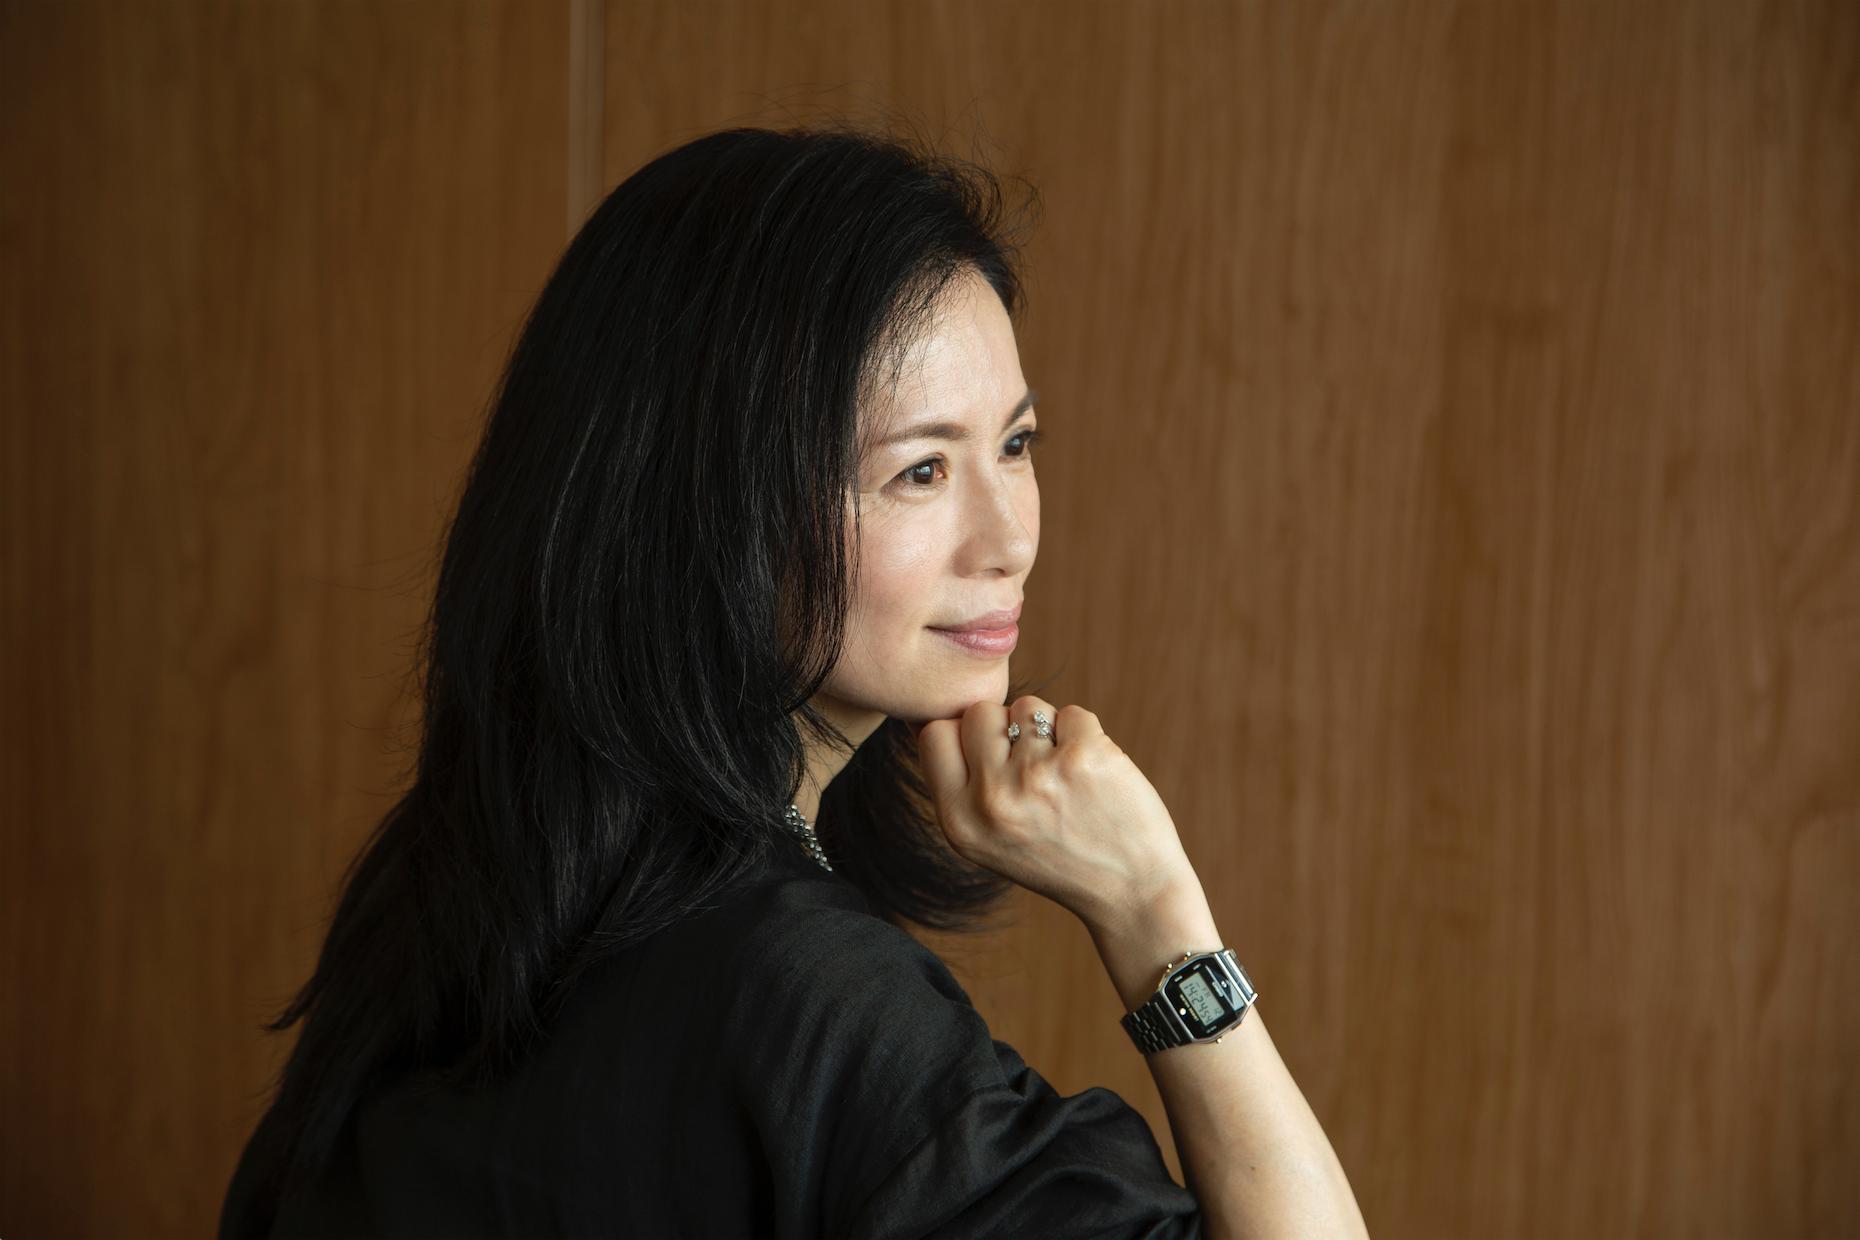 奇跡の54歳・松本千登世さんの美を生み出すライフスタイル